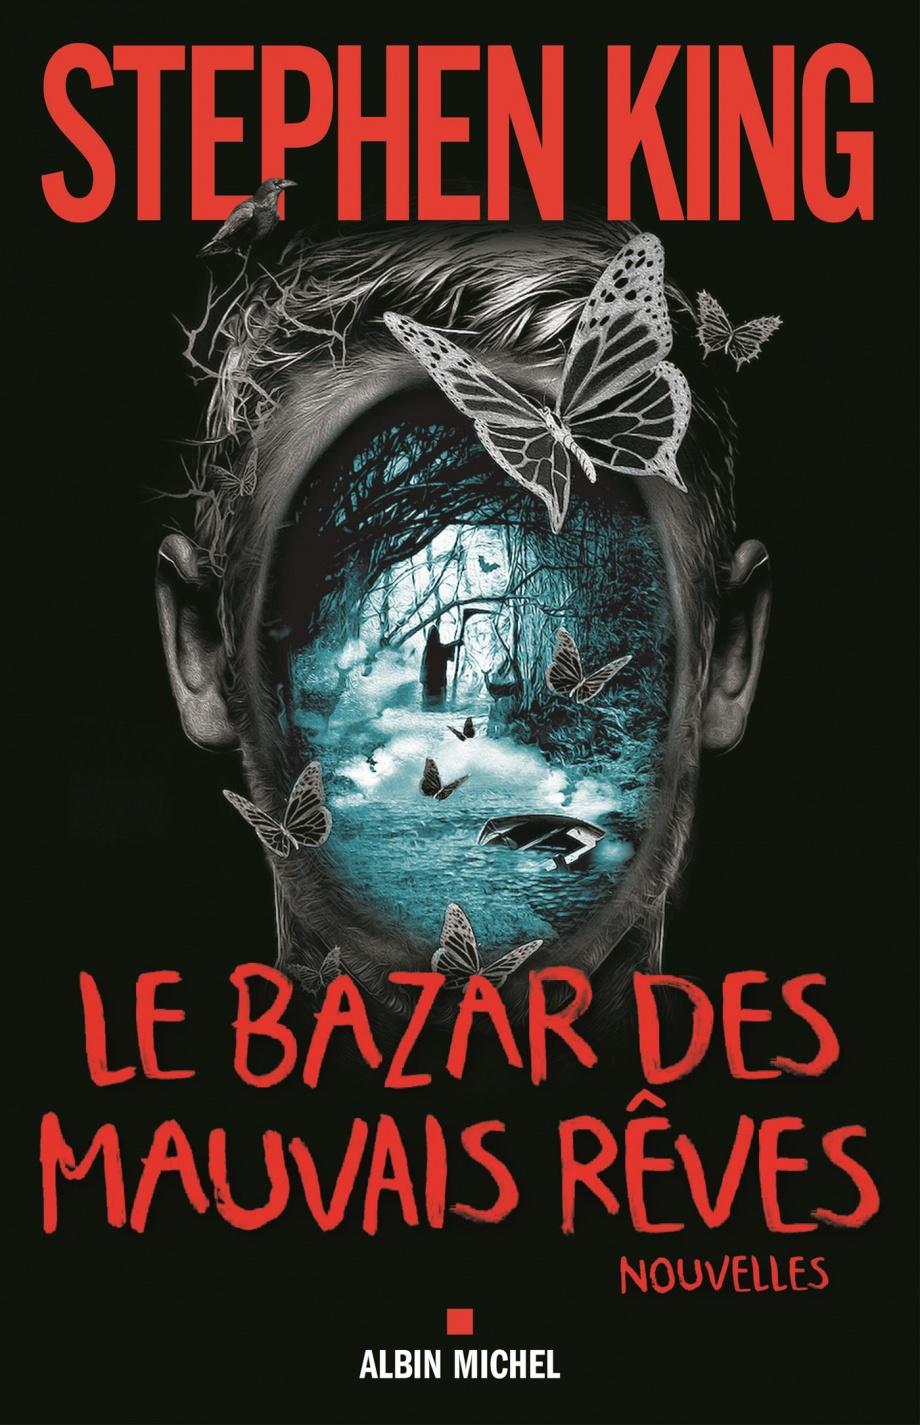 Revue Littéraire : Le Bazar des Mauvais Rêves de StephenKing